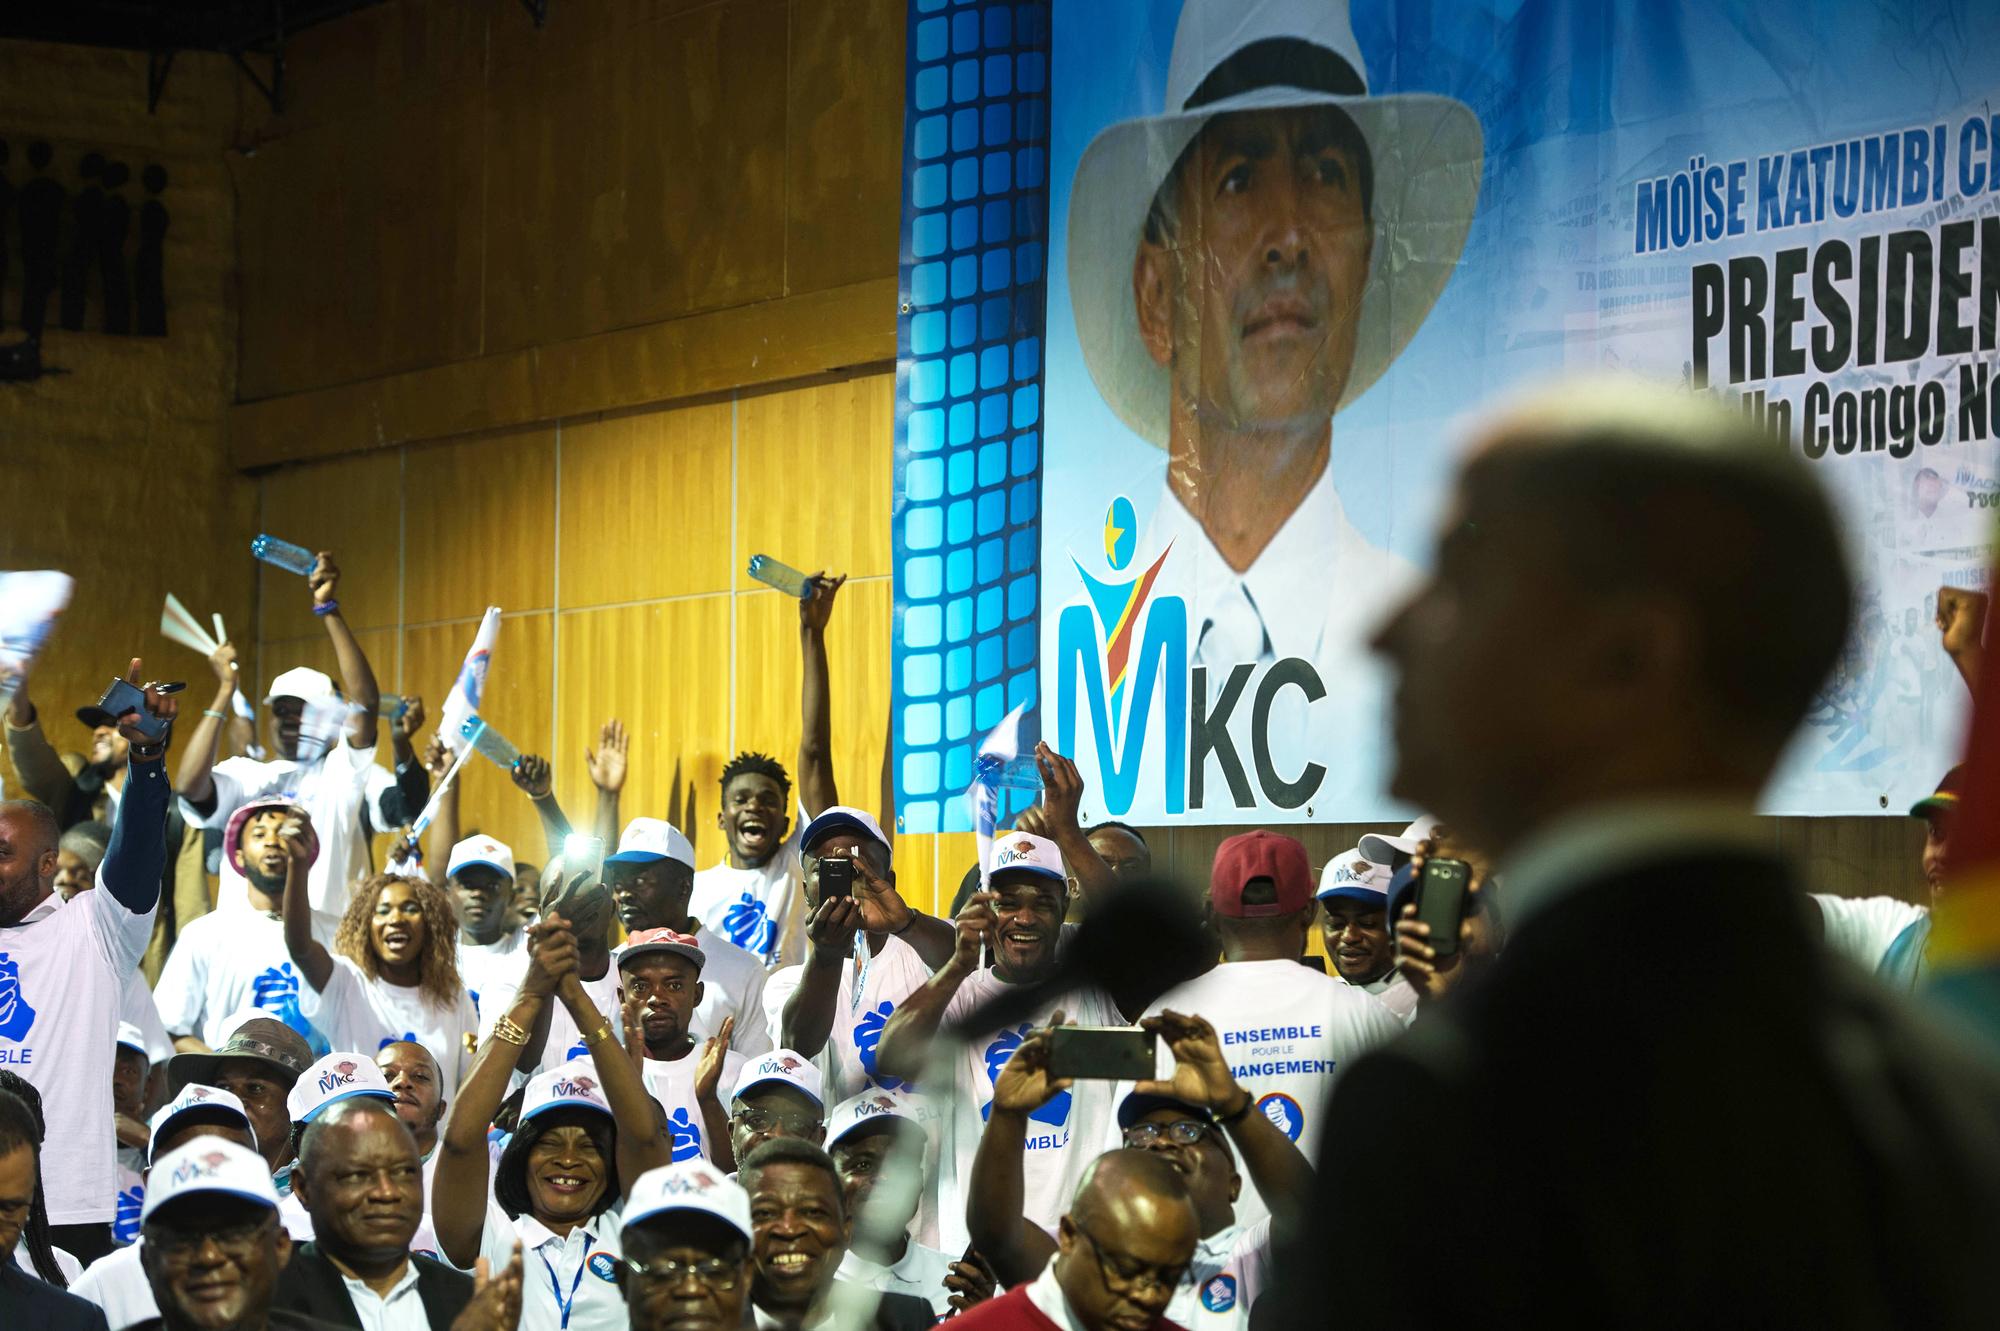 Meeting de soutien à Moïse Katumbi dans un hôtel de Johannesburg (Afrique du Sud), le 12mars 2018.